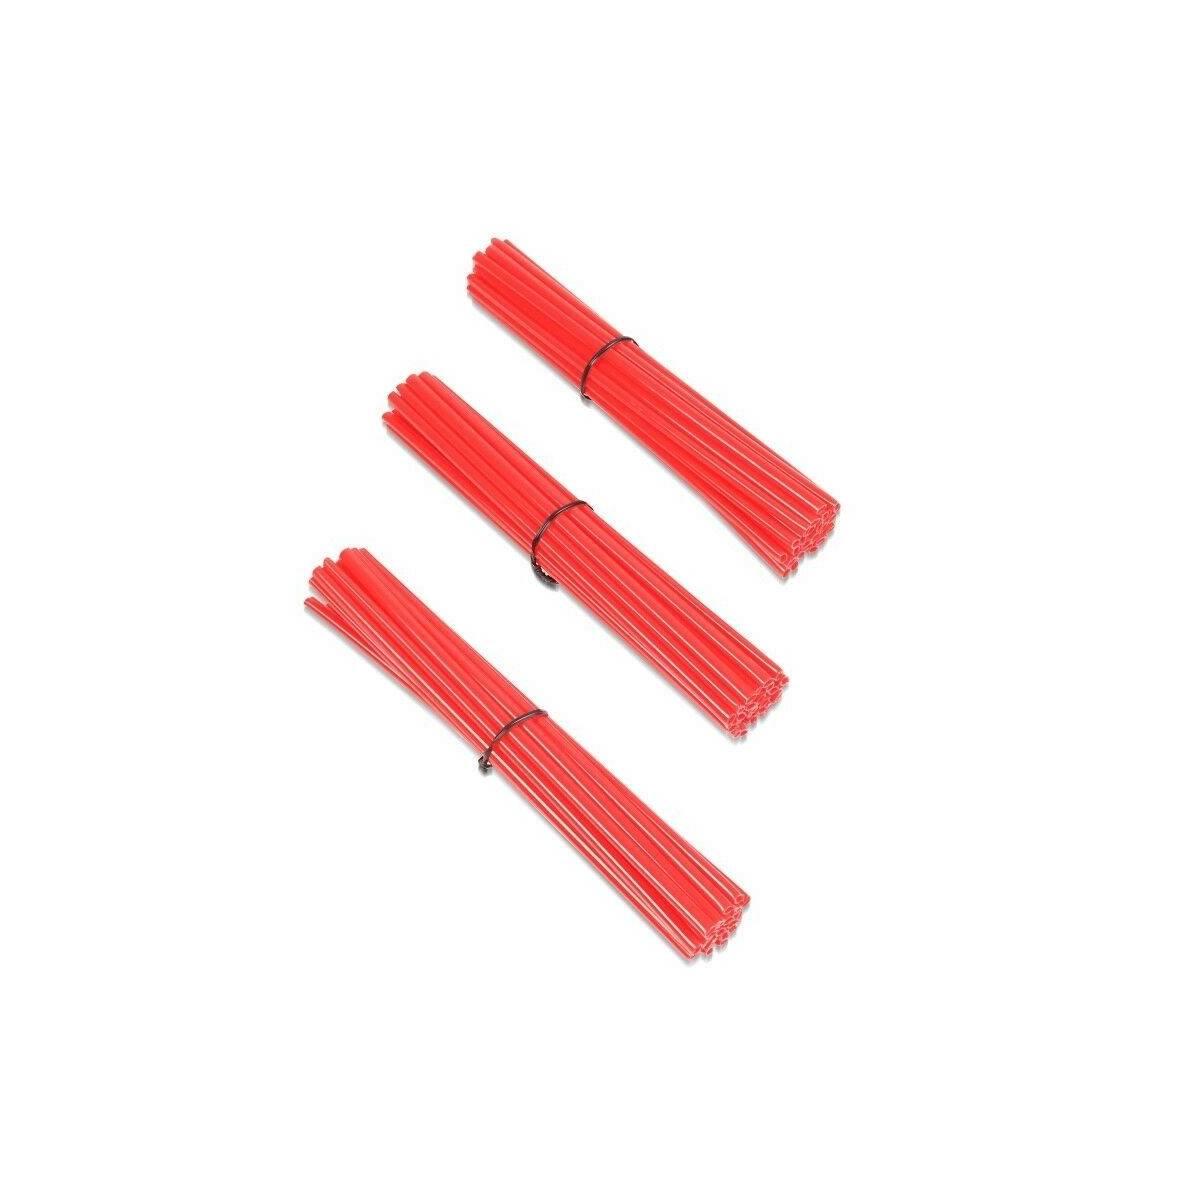 83379-RF - Cubre Radios Rojo Fluor